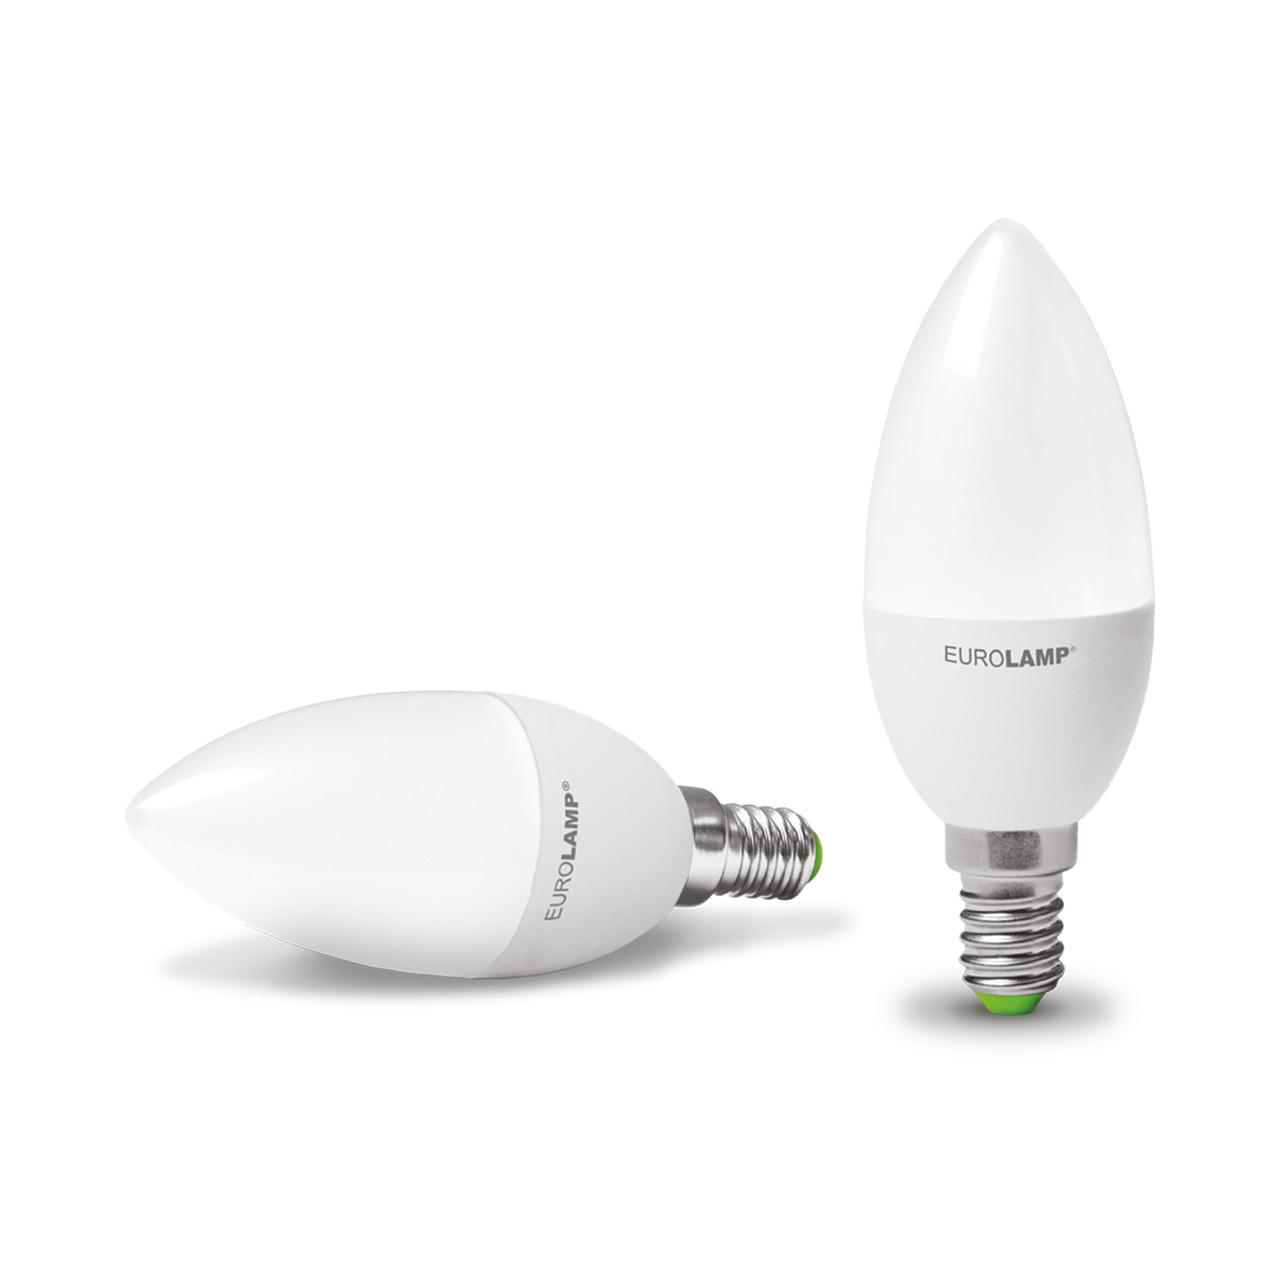 EUROLAMP LED Лампа ЕКО Свеча 6W E14 4000K, фото 1